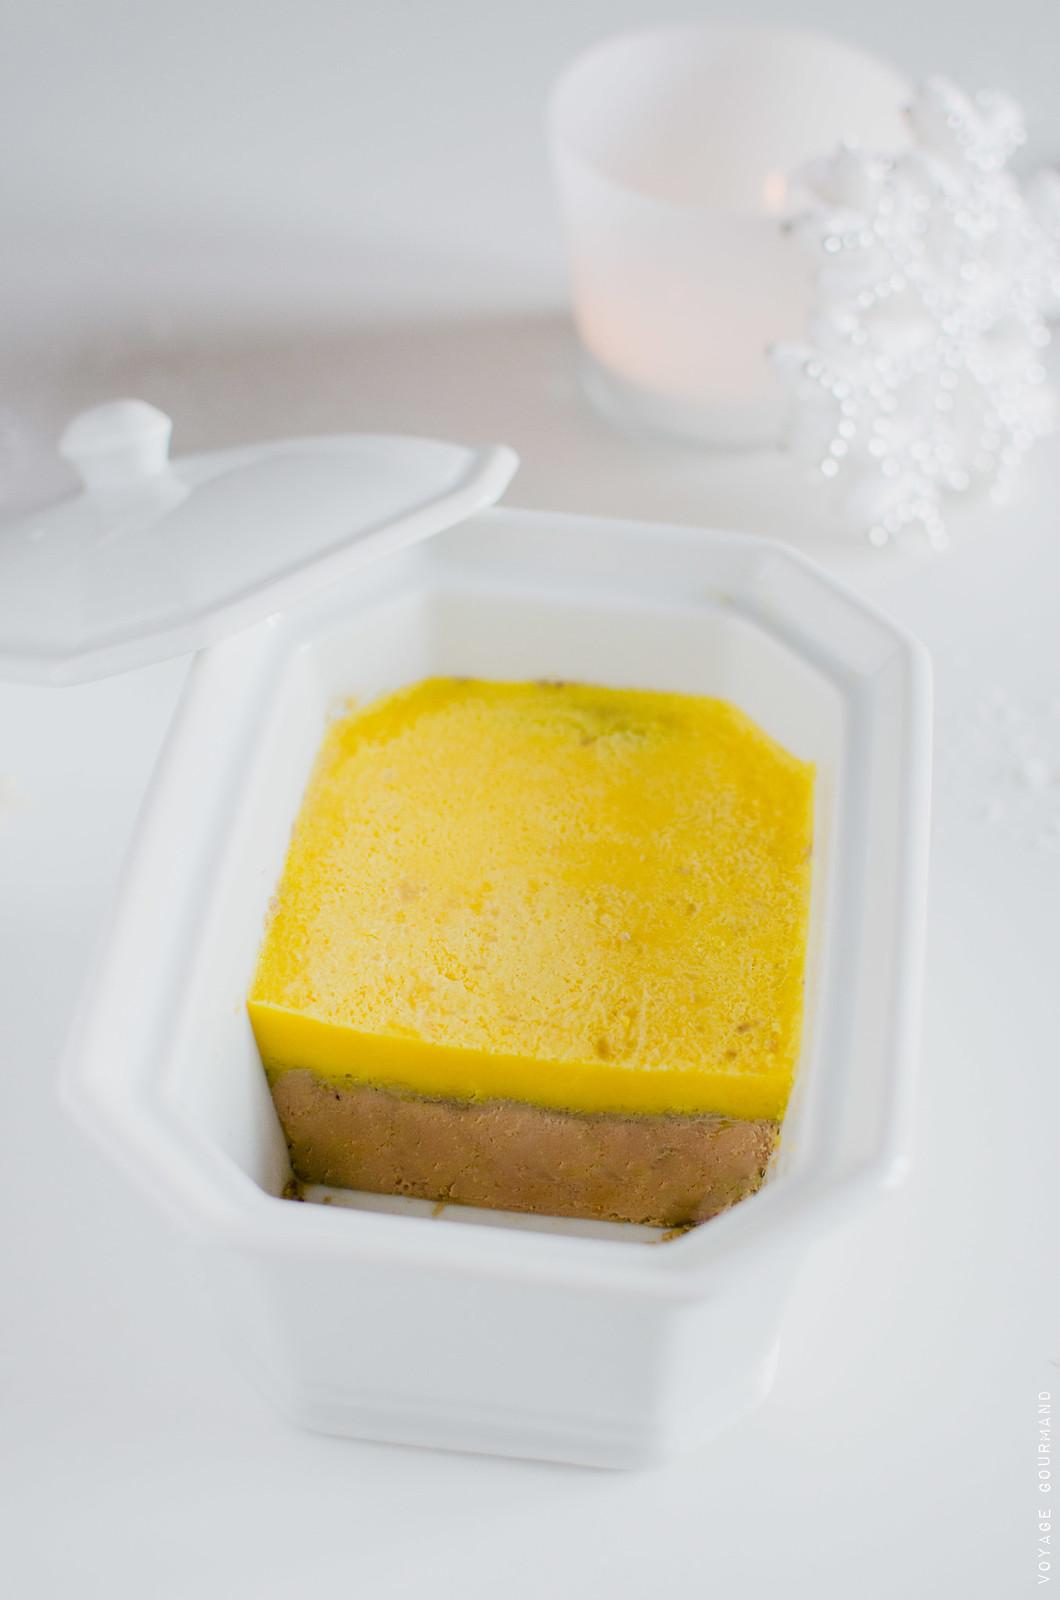 Foie gras en terrine au muscat